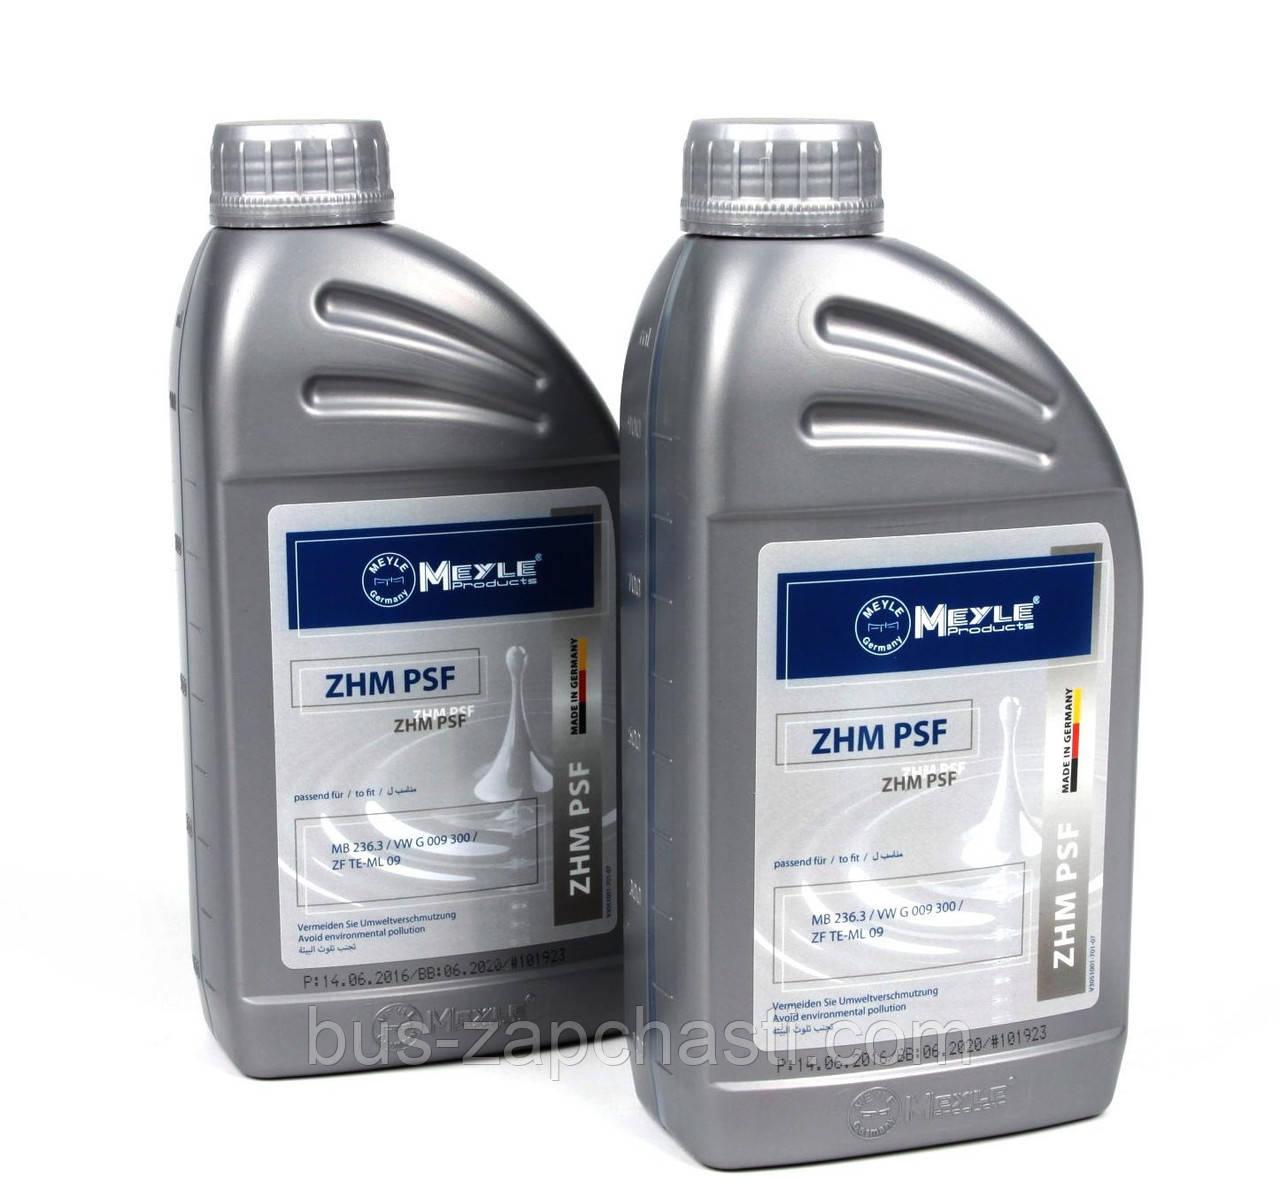 Жидкость в ГУР 1L (желтая) (Dexron II MB 236.3) — Meyle (Германия) — 014 020 6300